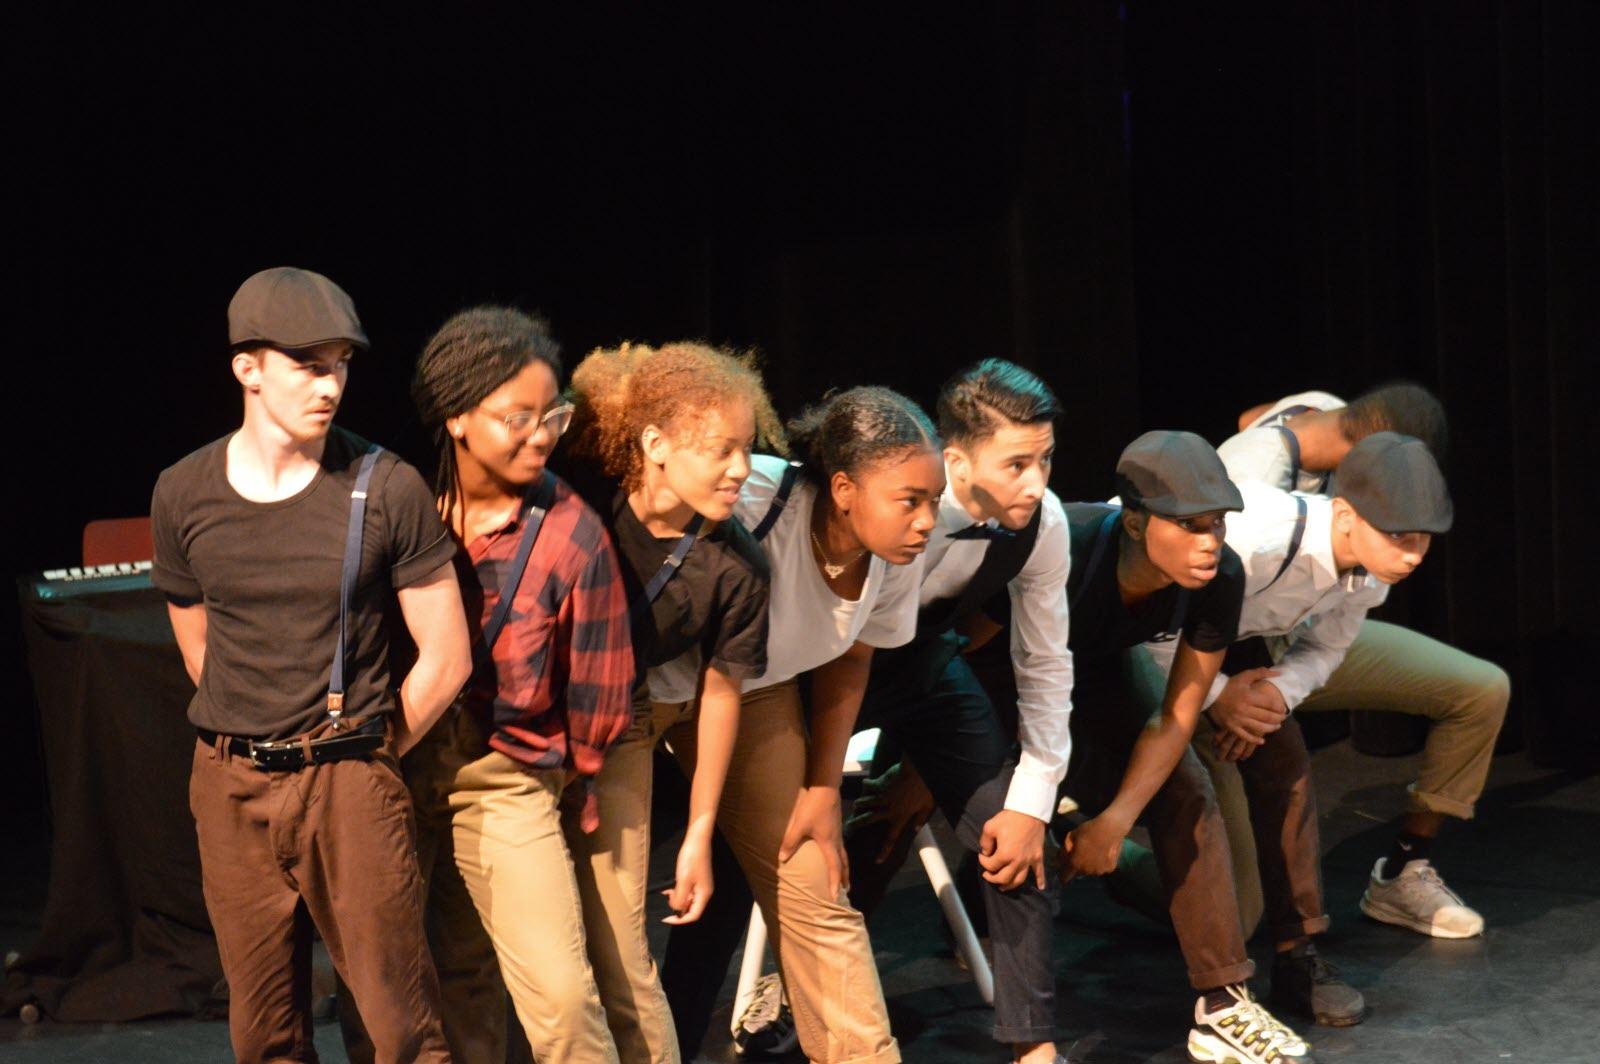 """L'association est à l'origine d'Opéra Street, un spectacle """"pour faire changer les mentalités"""" (c) Marwa Bouchkara"""